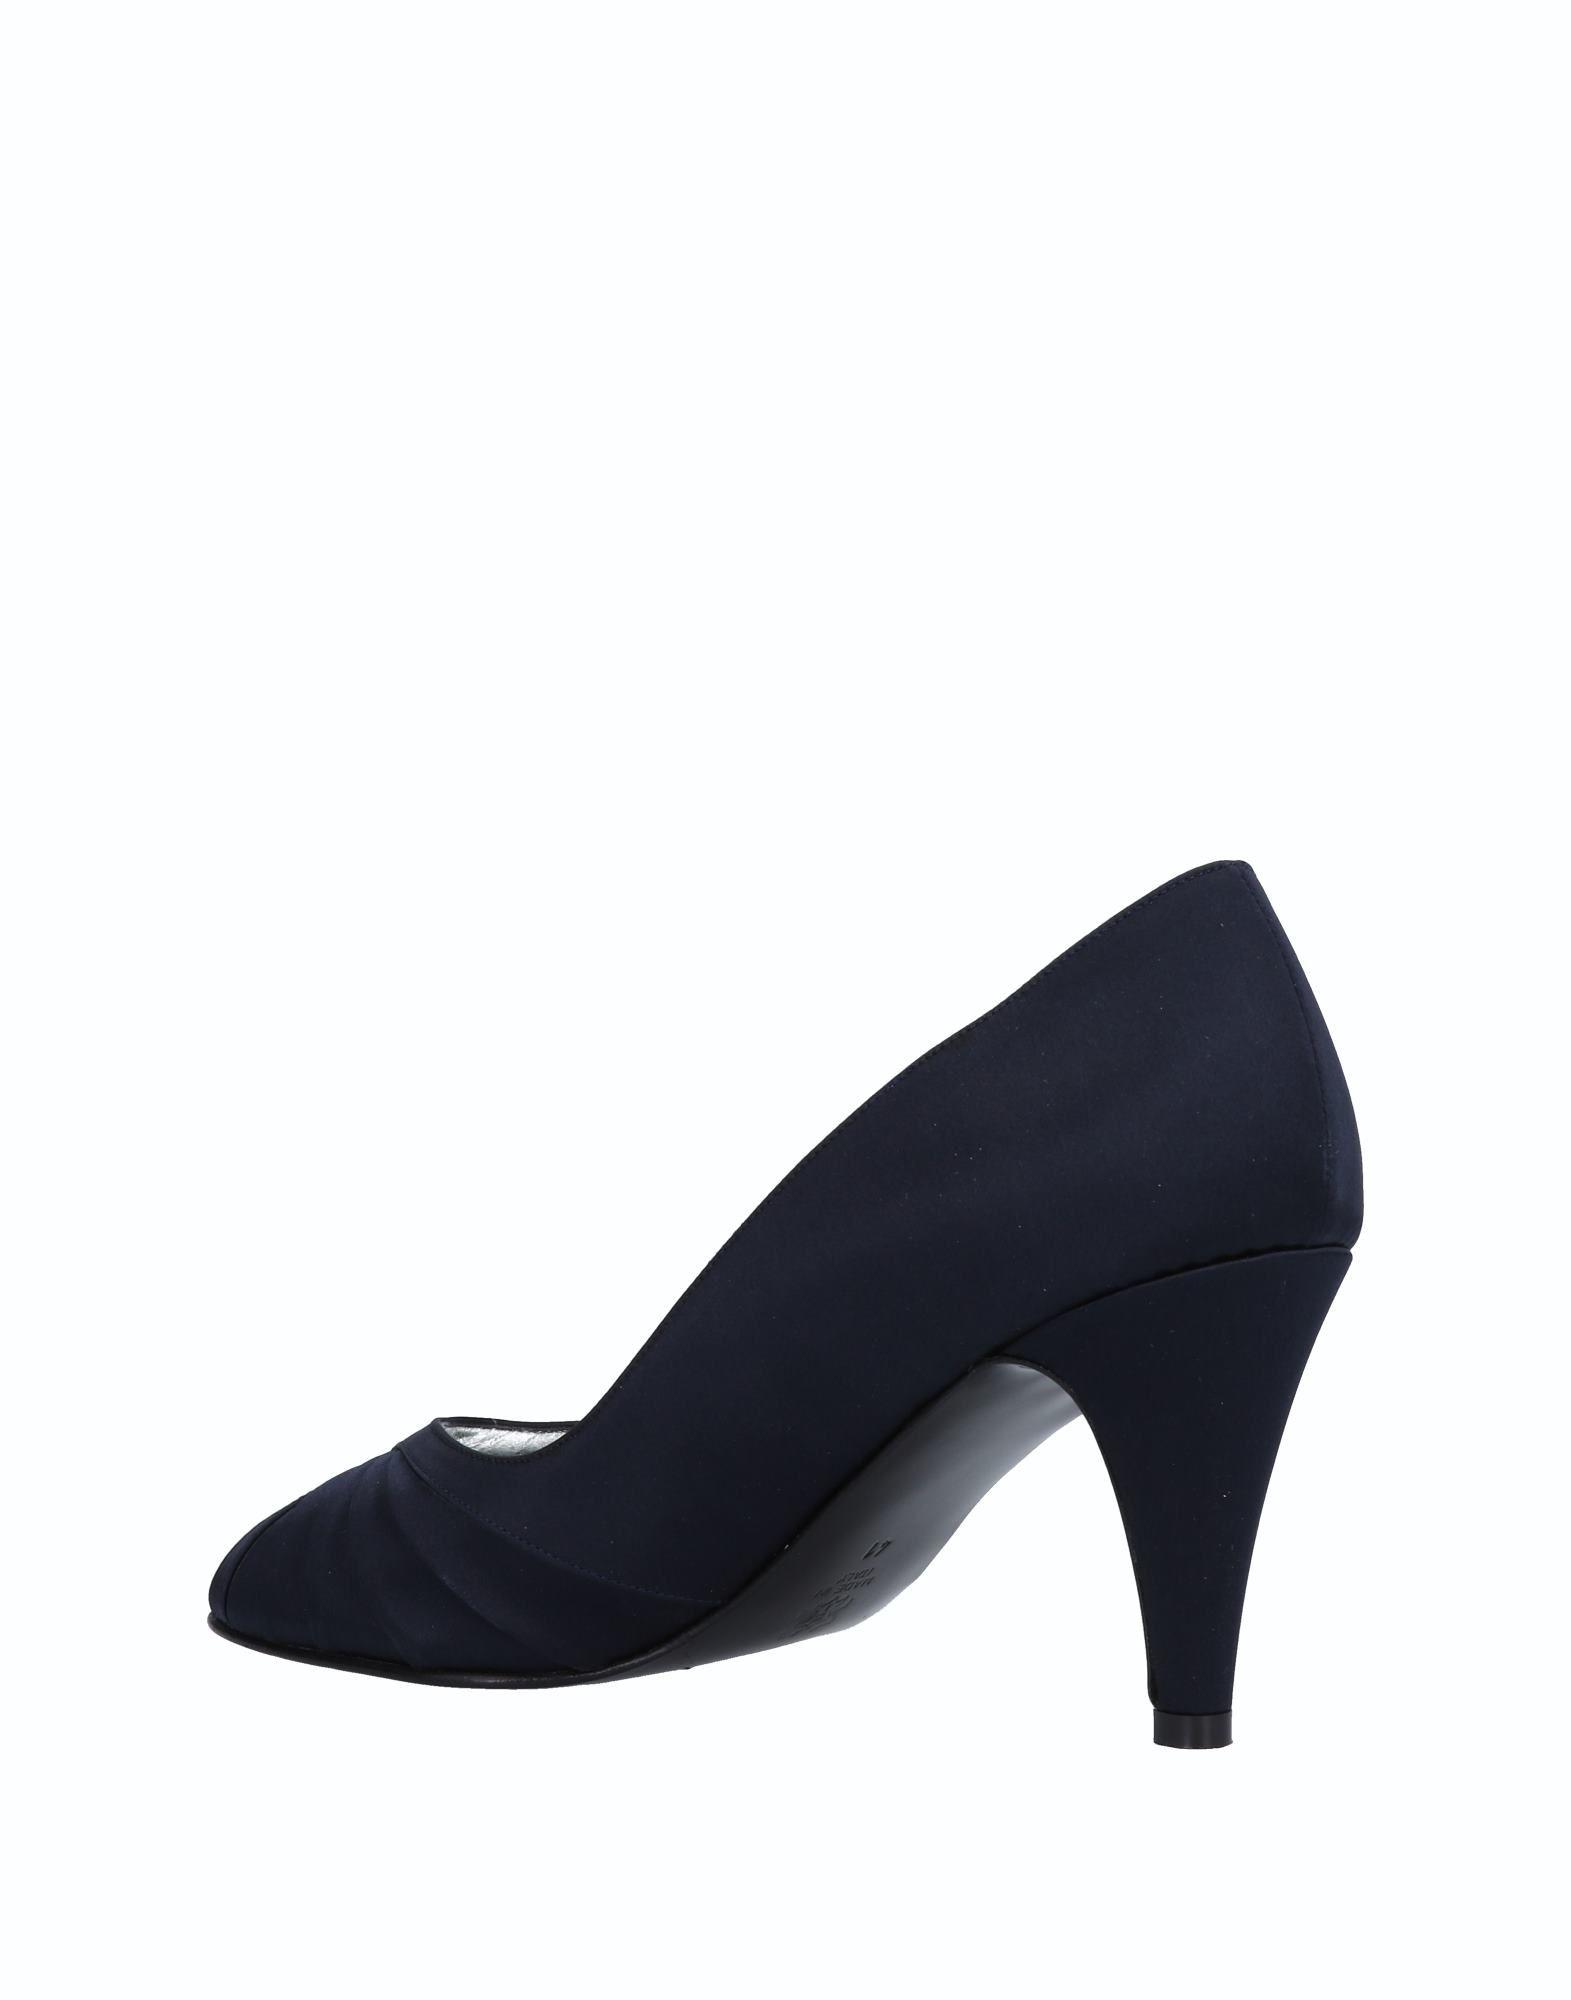 N.Lombardo 11500342JE Pumps Damen  11500342JE N.Lombardo Gute Qualität beliebte Schuhe 75f683